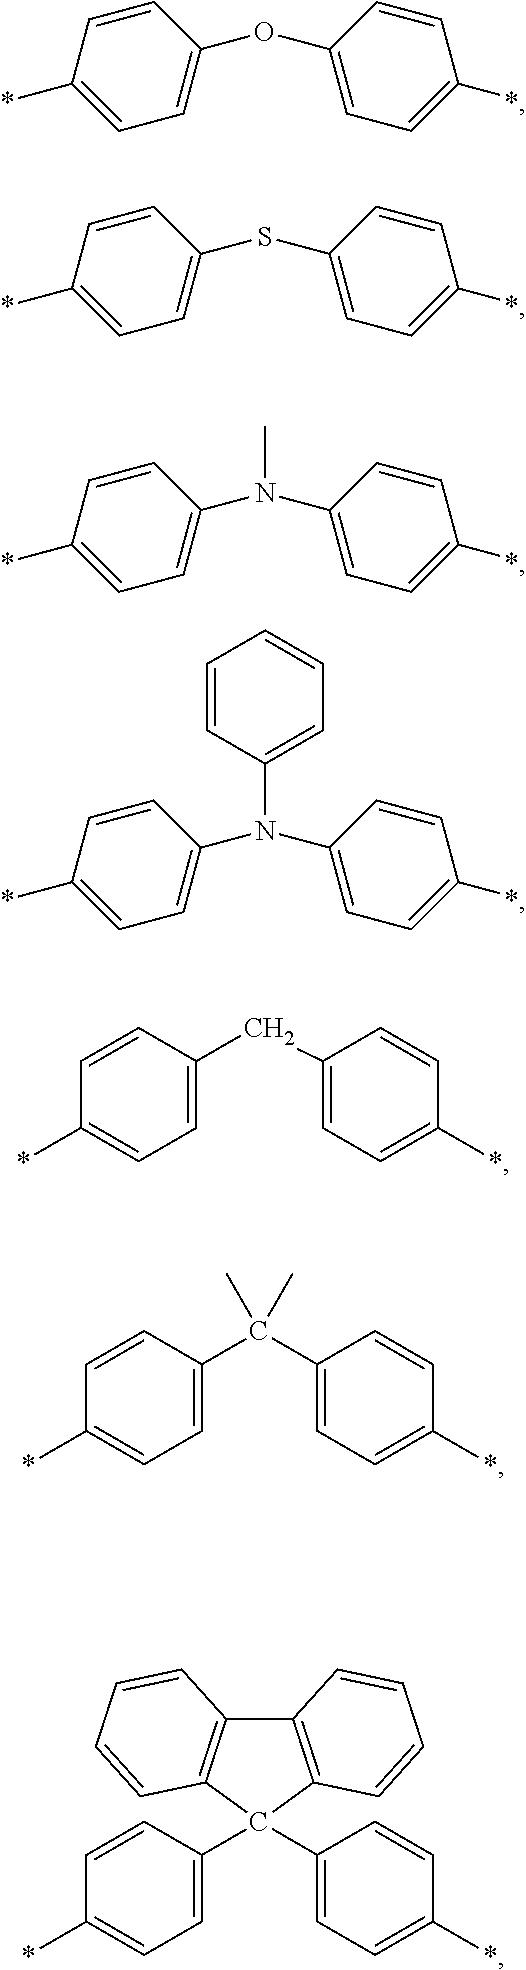 Figure US09610535-20170404-C00019